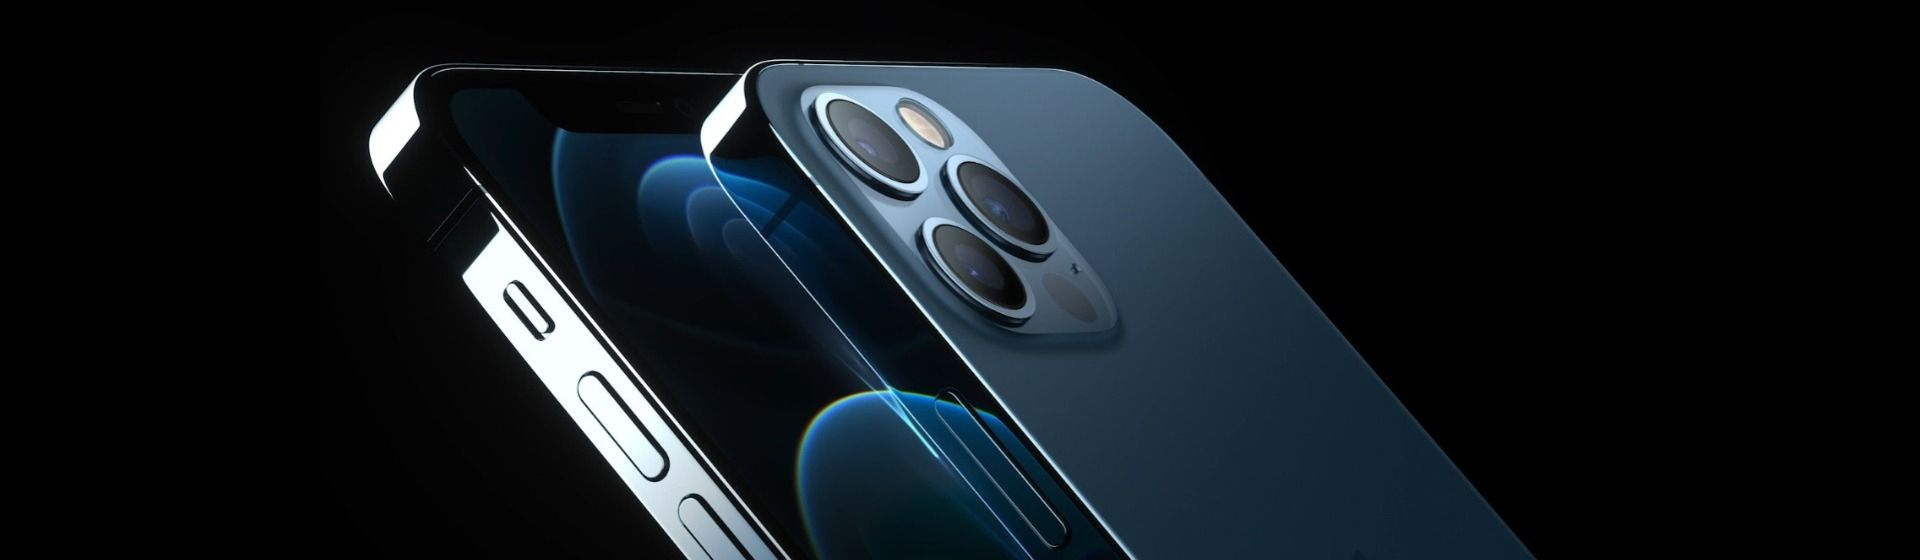 Preços do iPhone 12 no Brasil são revelados; valores partem dos R$ 6.999